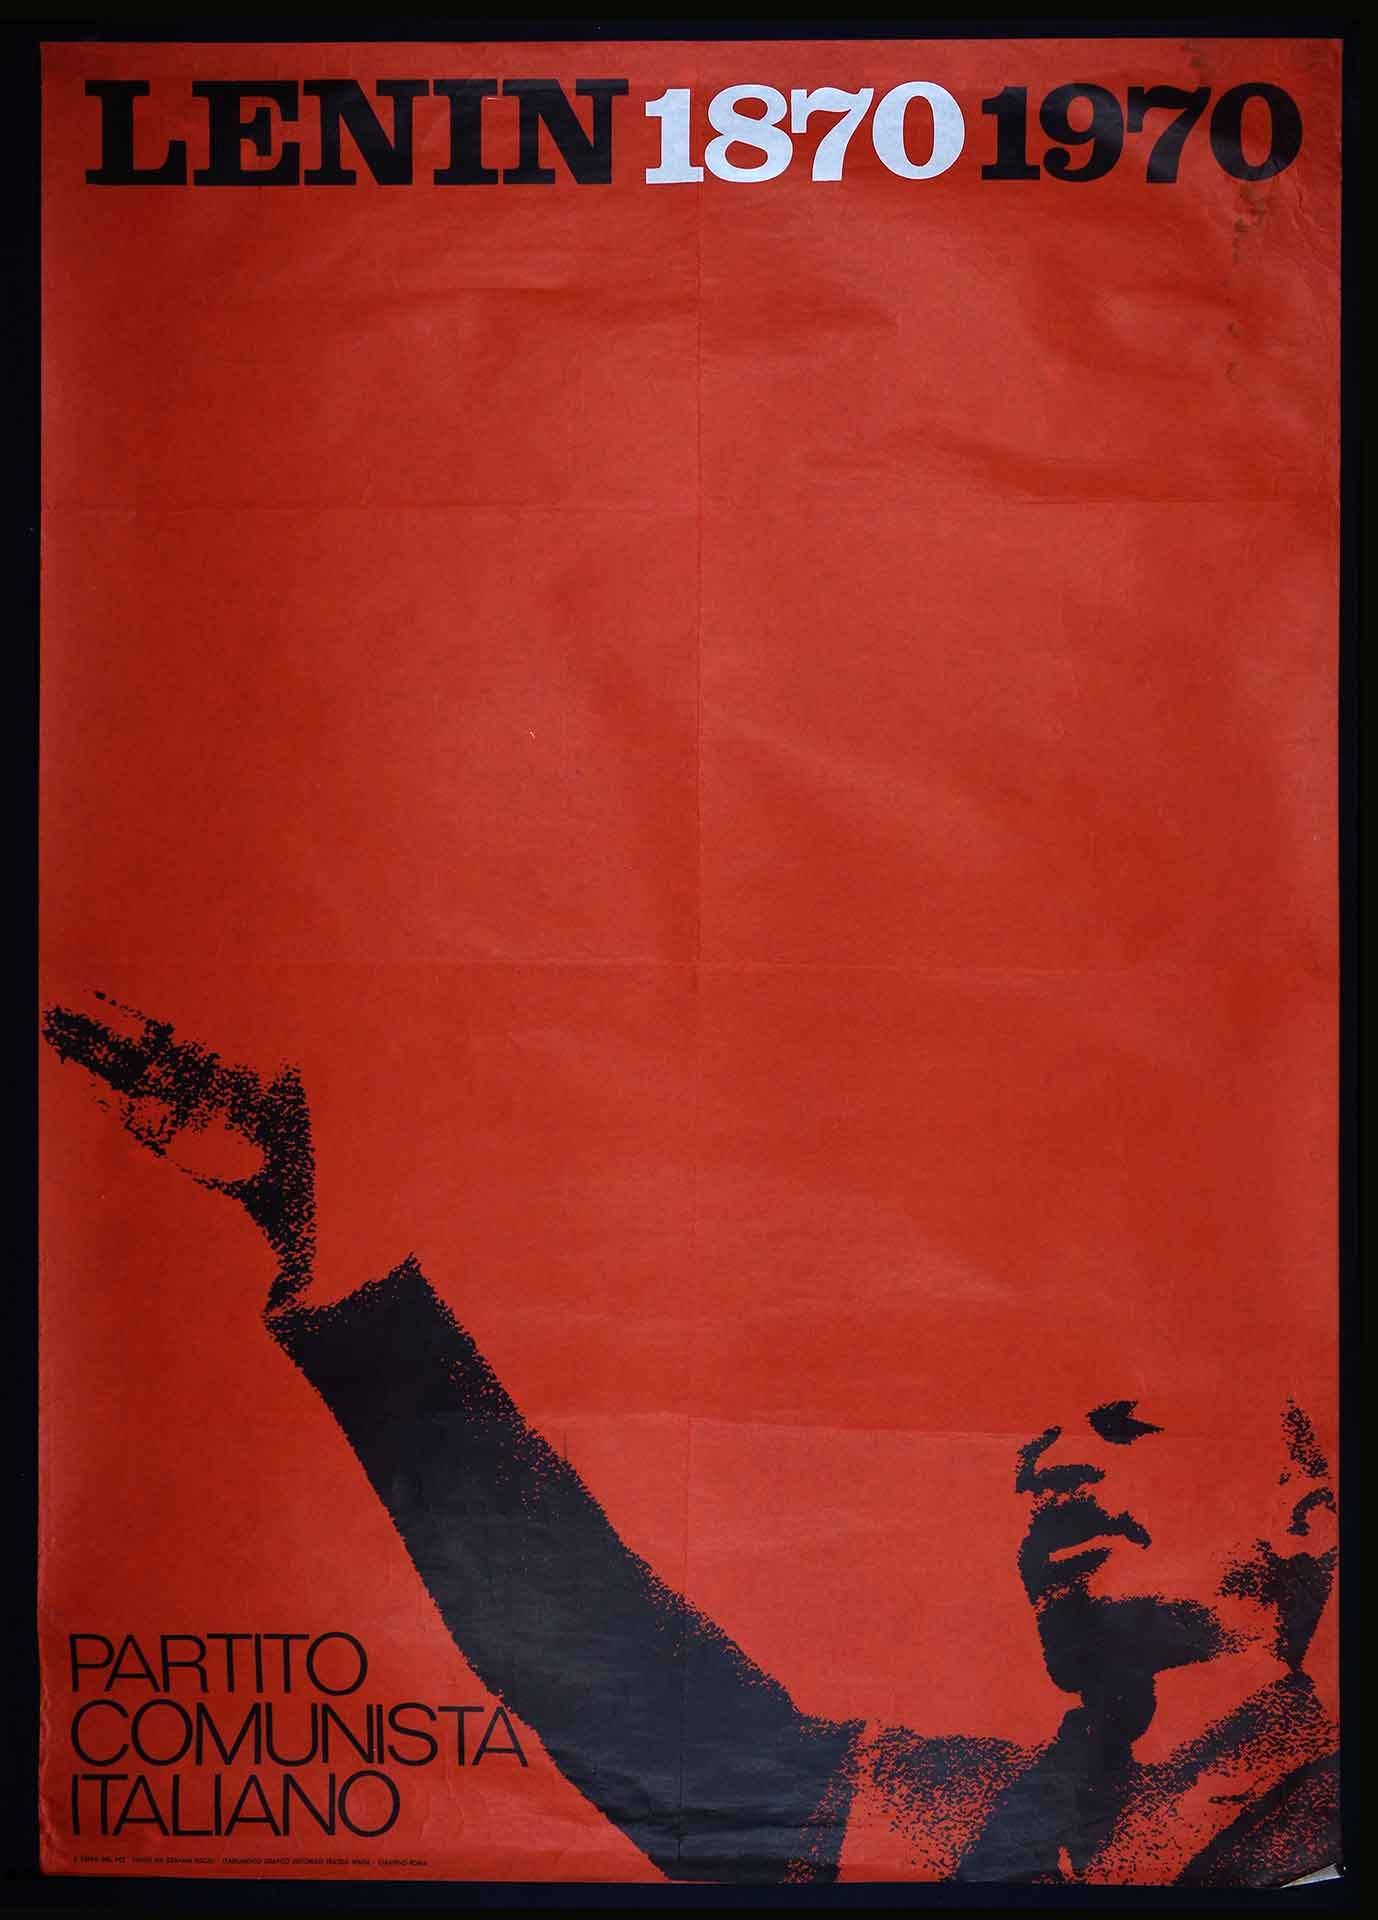 1970. Il Partito comunista italiano (PCI) celebra il centenario della nascita di Lenin. Stampa Fratelli Spada stabilimento grafico editoriale, Ciampino (Roma). Comunicazione politica.